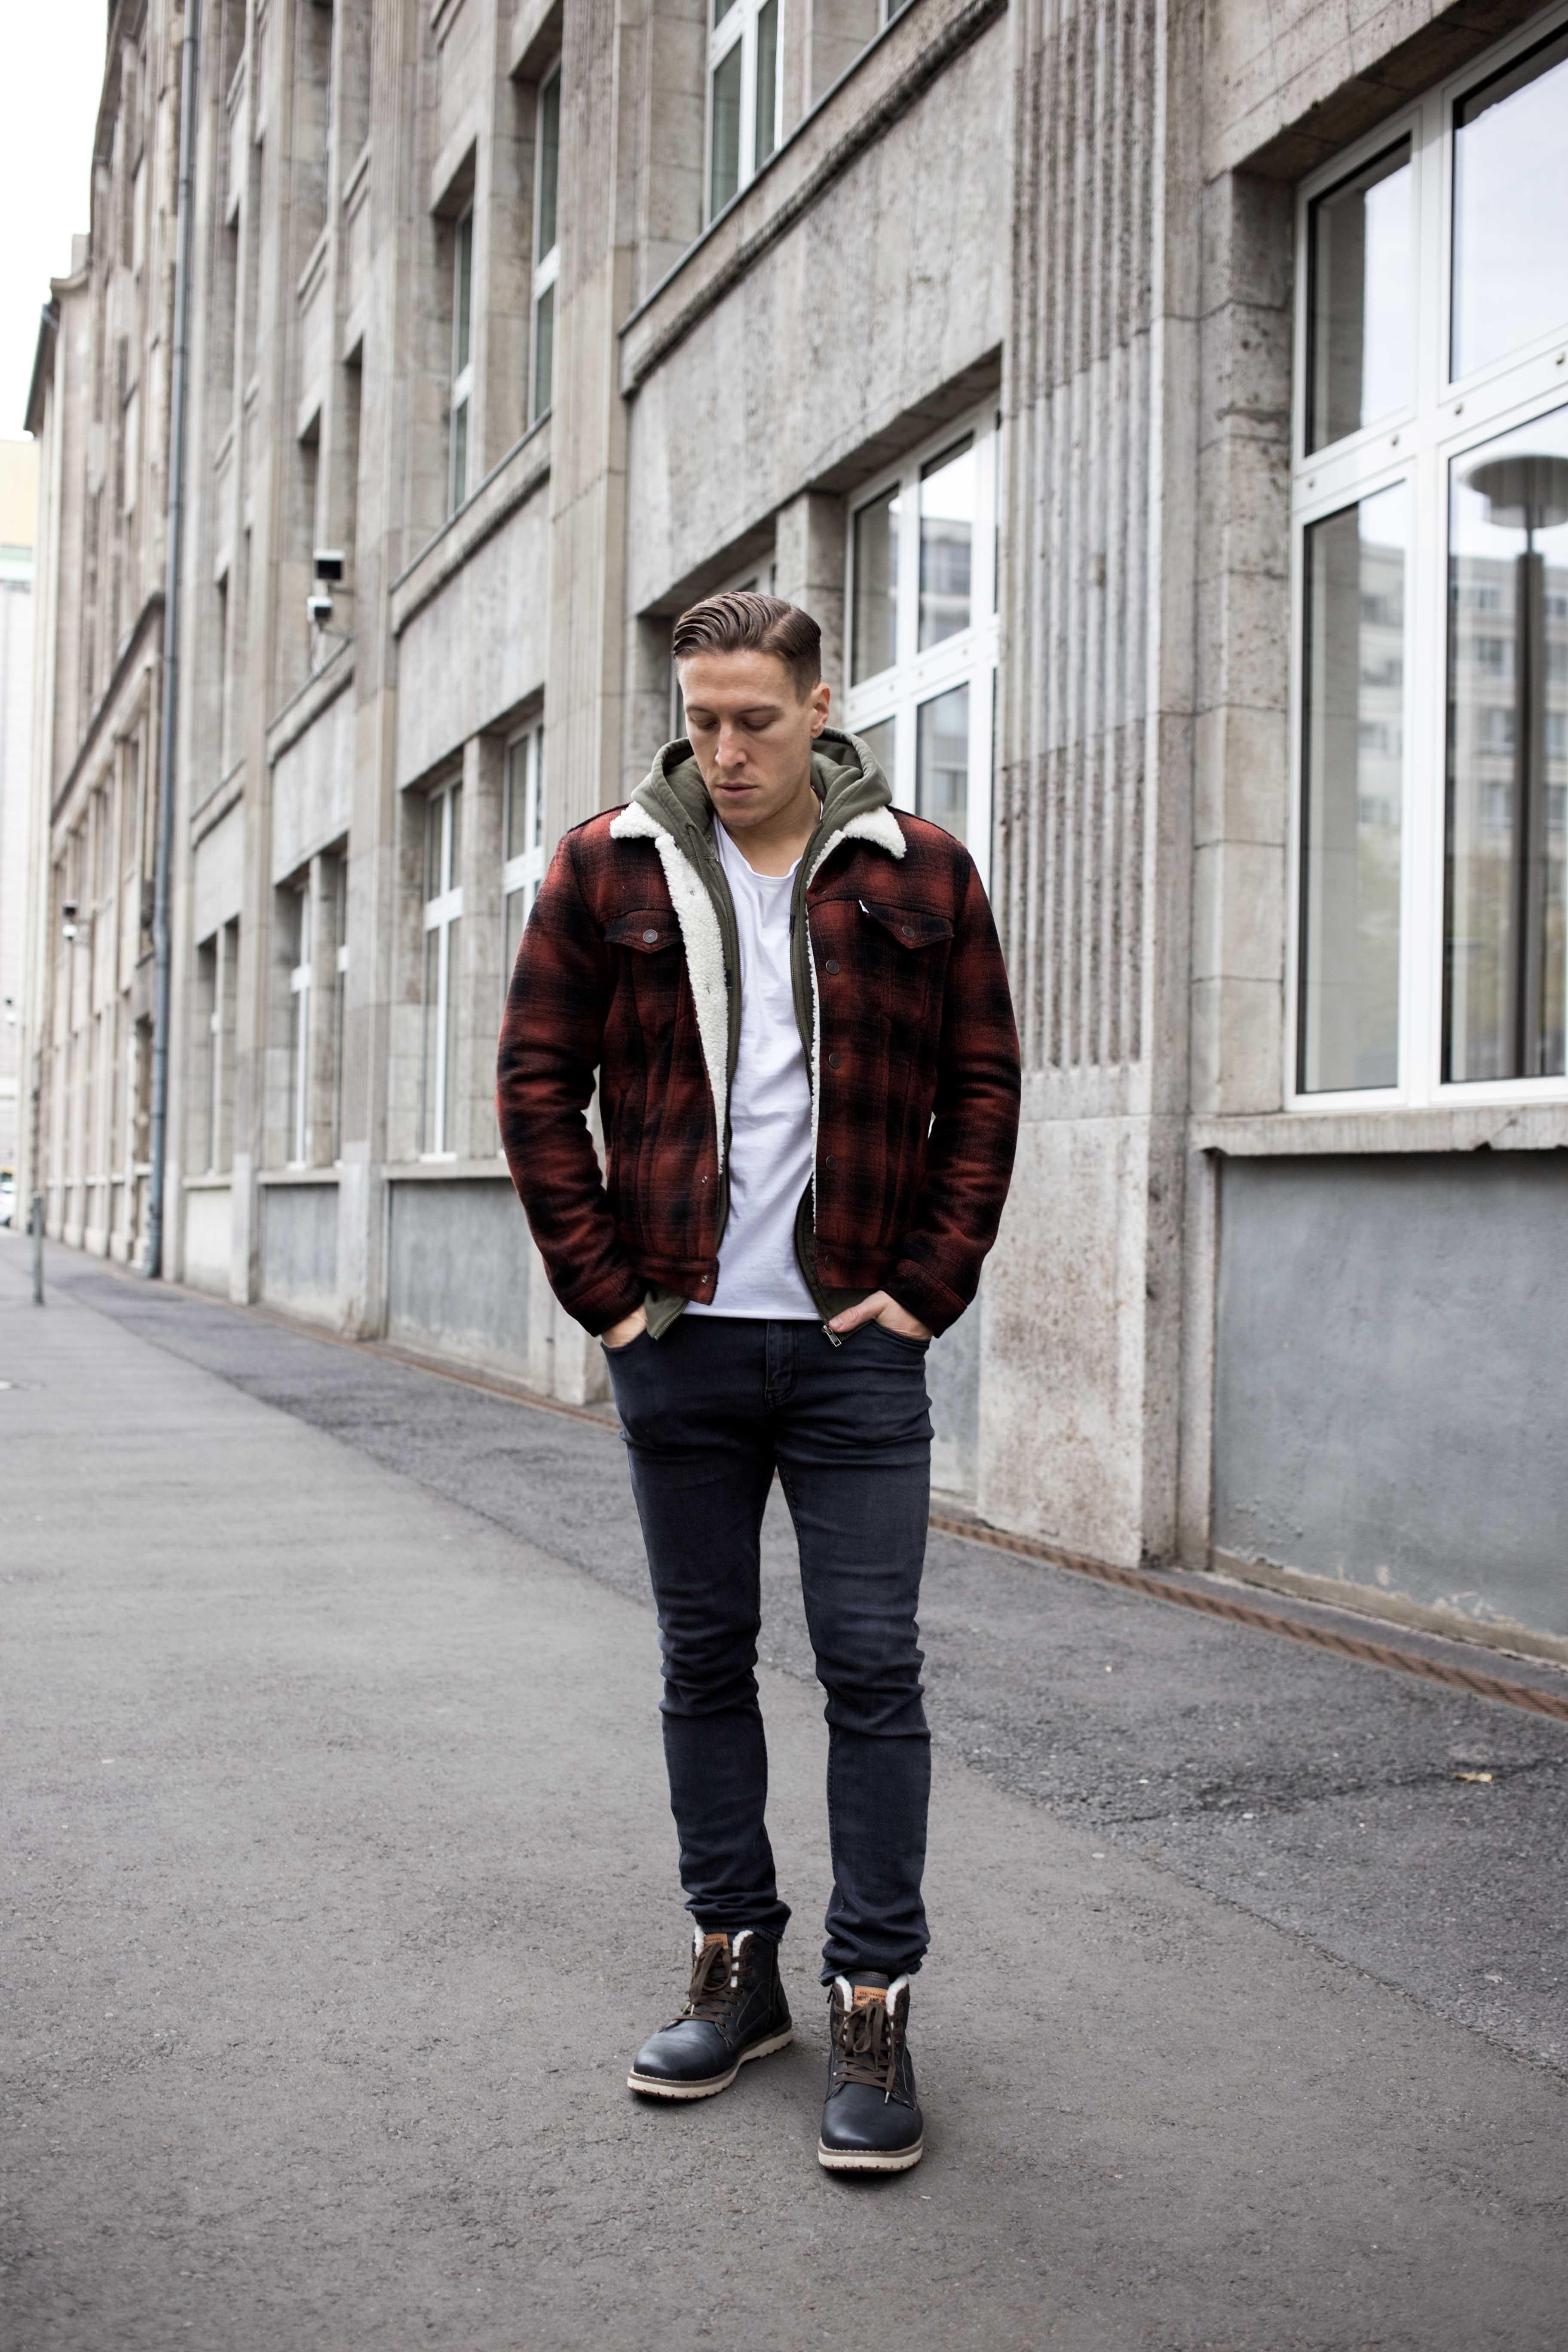 rot-karierte-sherpa-jacke-trucker-jacke-kanadischer-winter-look_6470